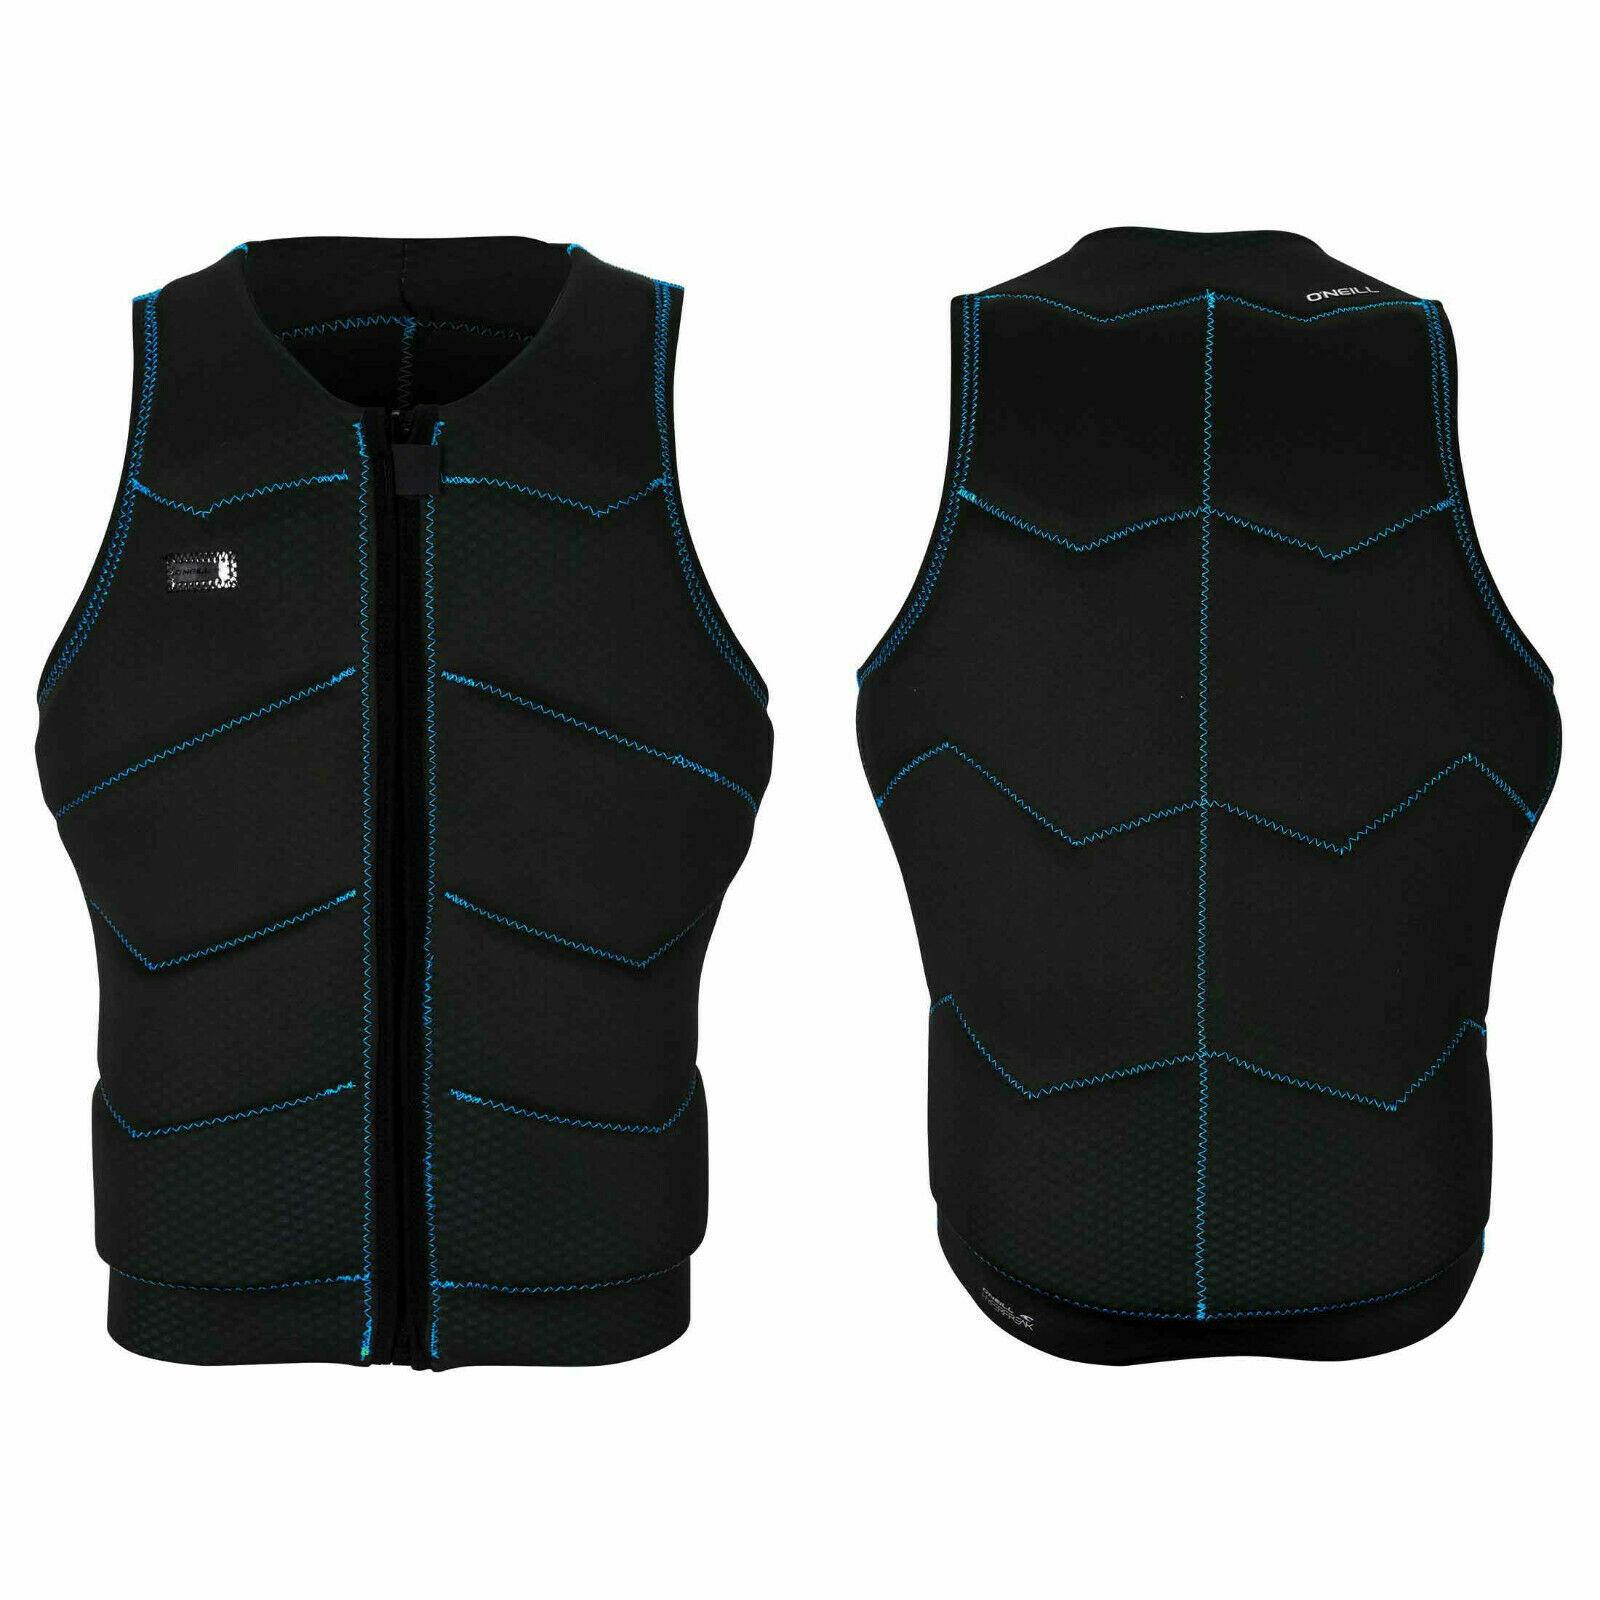 2019 O'Neill Hyperfreak Comp Vest, Fade blauw, zwart